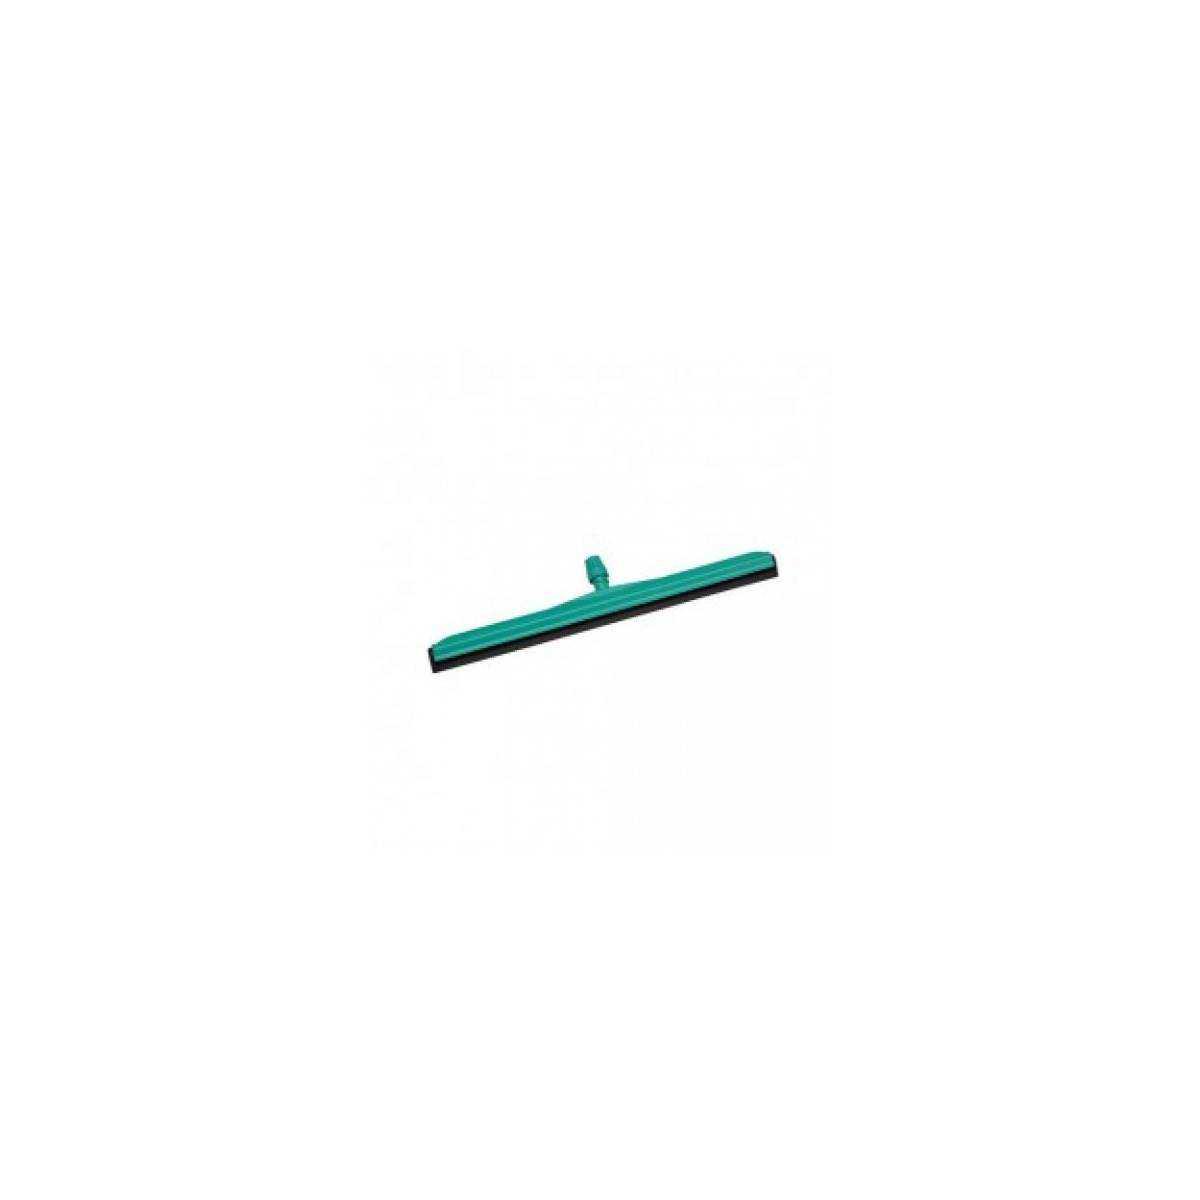 Скребок для сгона воды с пола полипропиленовый 35см (Зеленого цвета) 8630 TTS